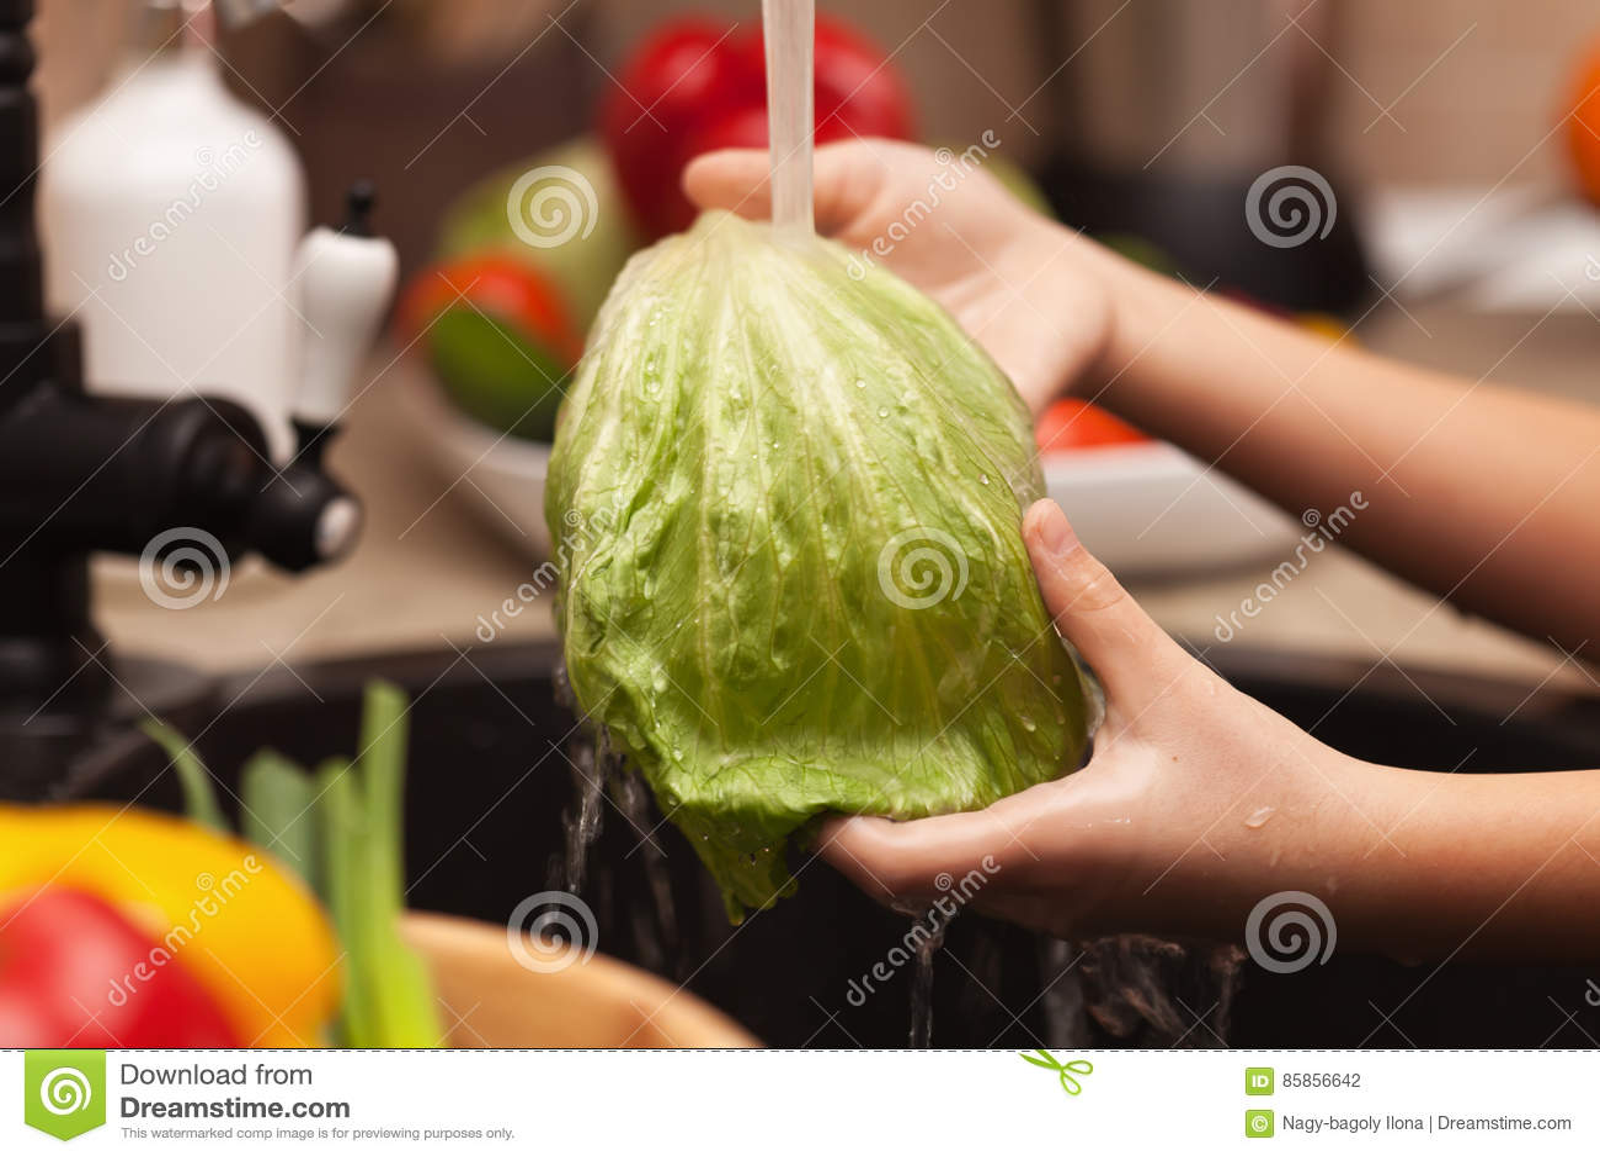 Faisant des légumes salade, ingrédients de lavage - la laitue part